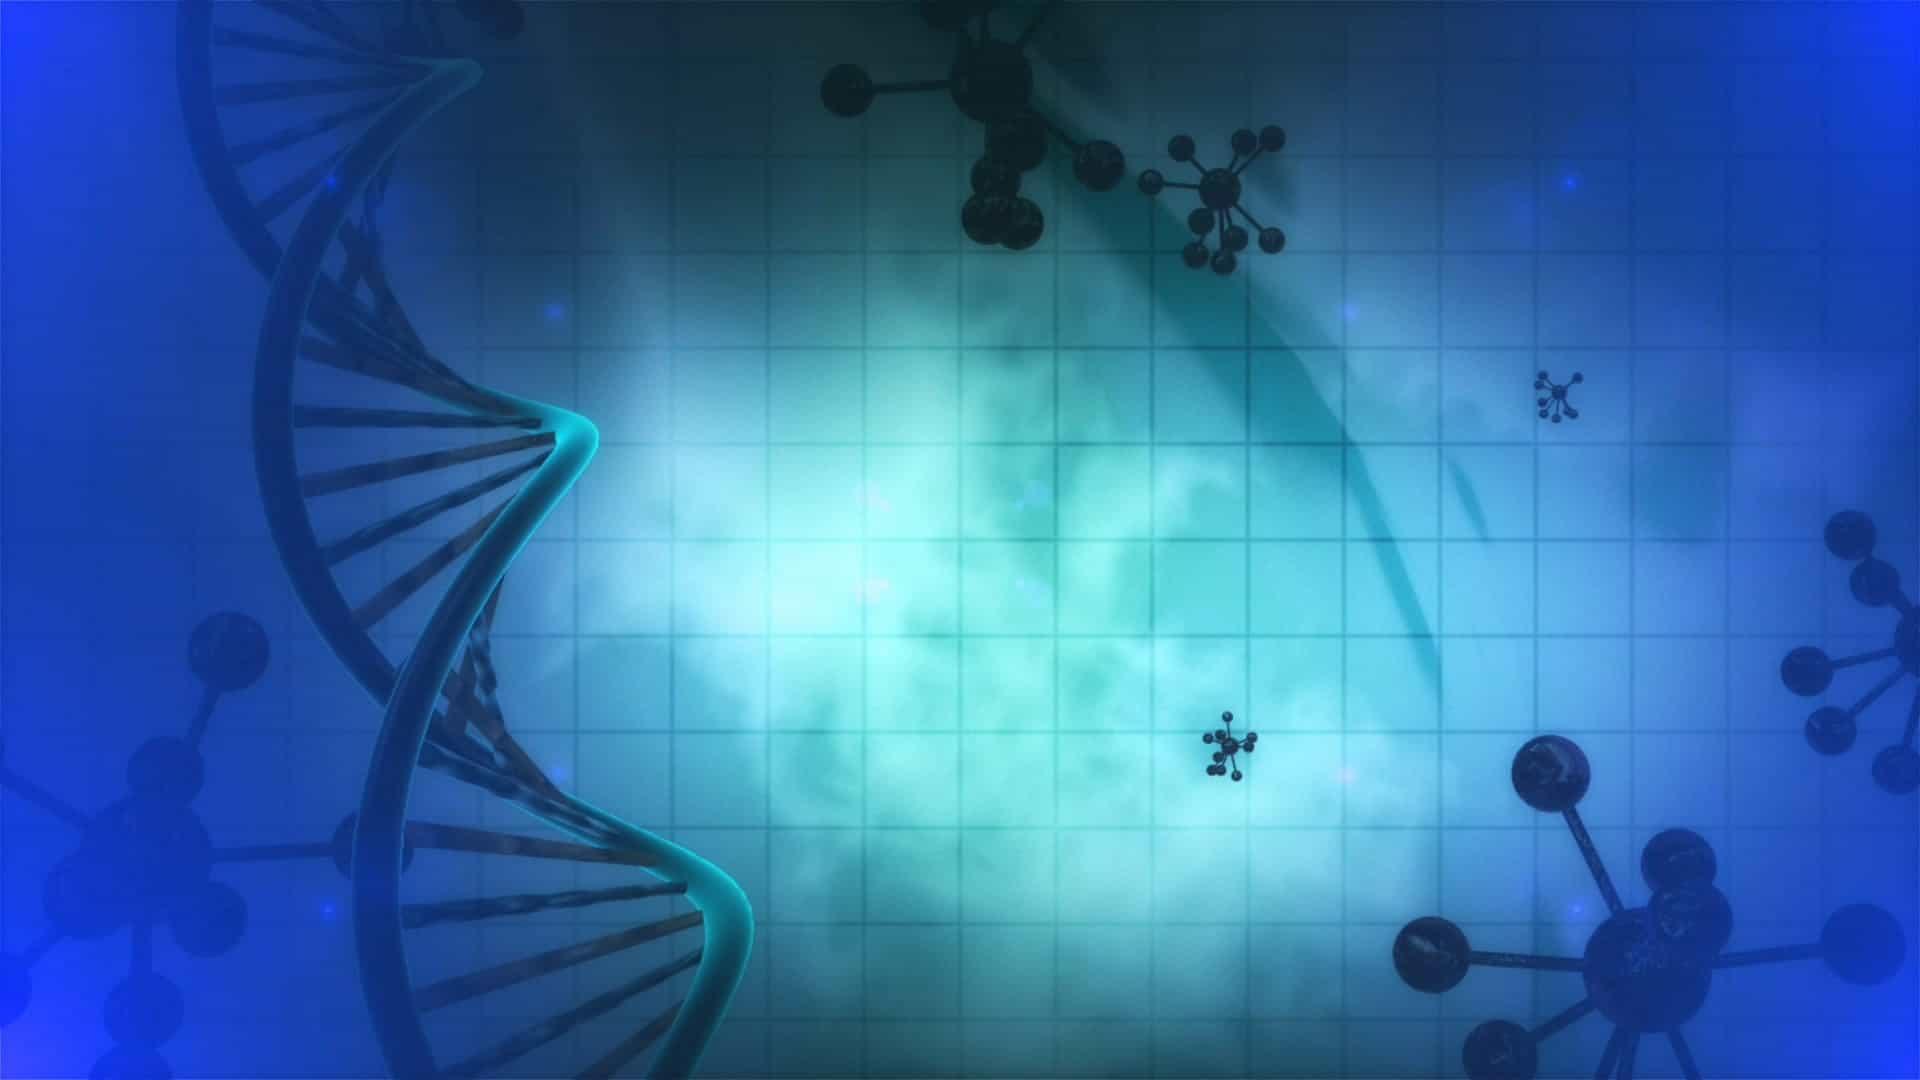 Proteinfaltungsprozess unterstützen – NanoVi